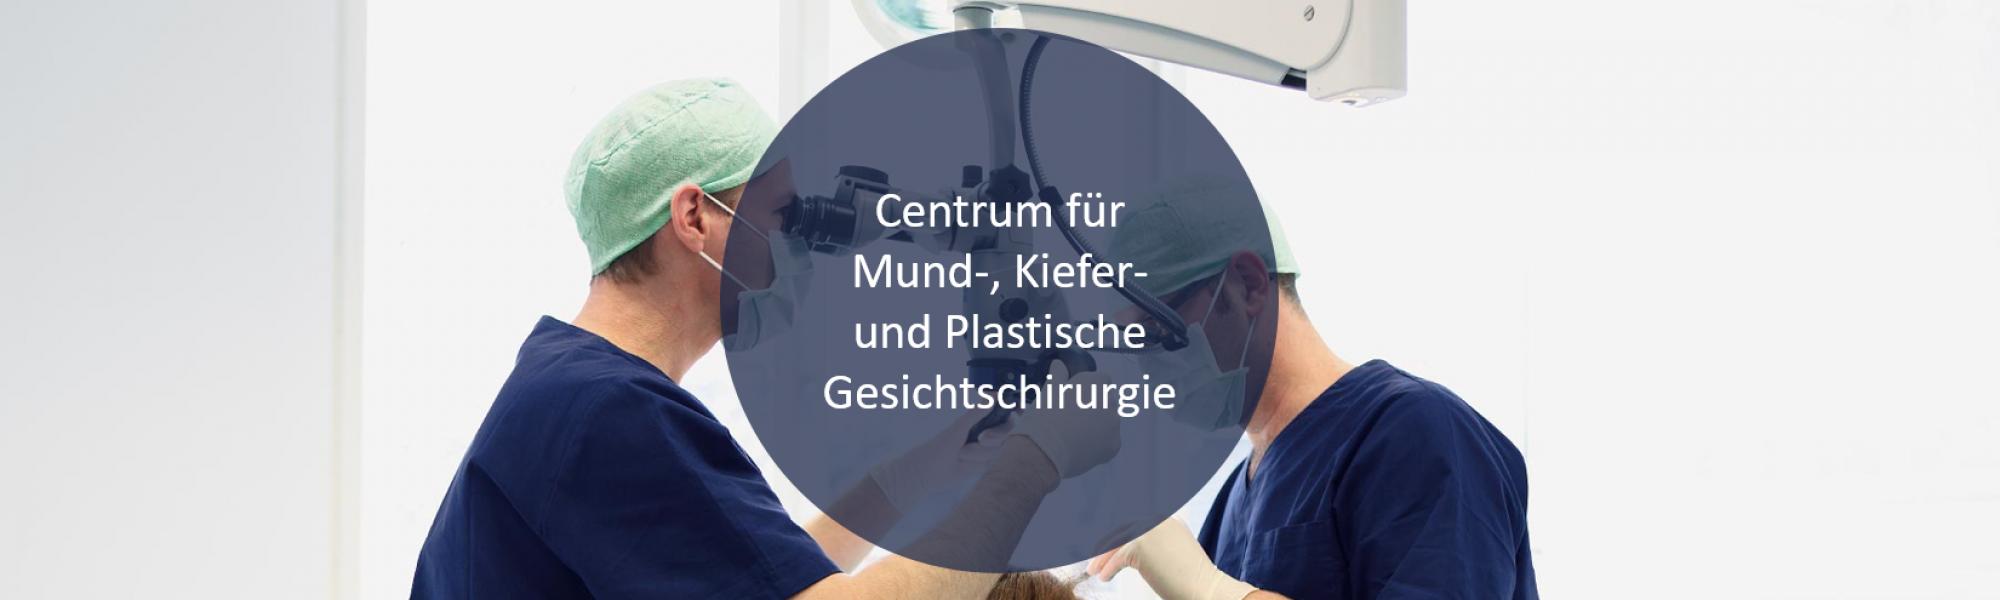 Das Centrum für MKG-Chirurgie bei Groisman & Laube in Frankfurt